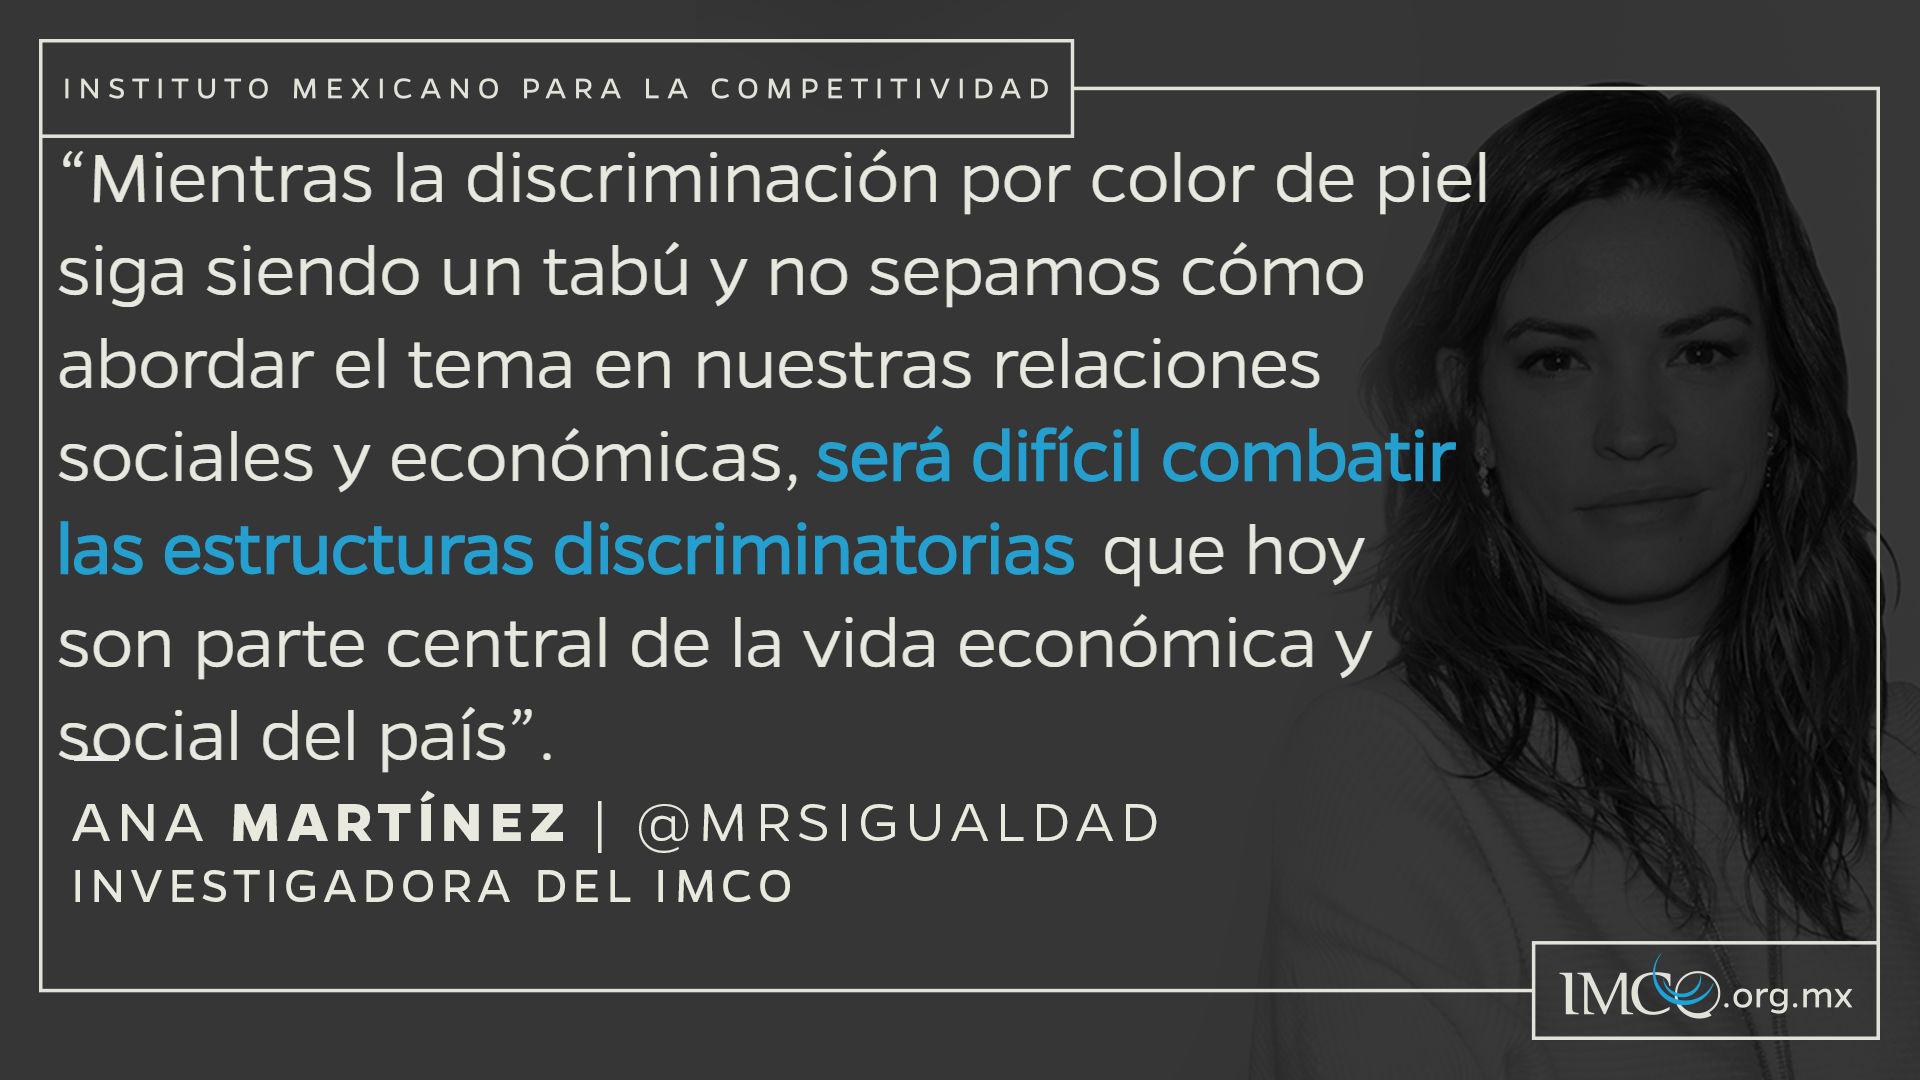 Para qué sí importa el color de piel en México? - Instituto Mexicano ...